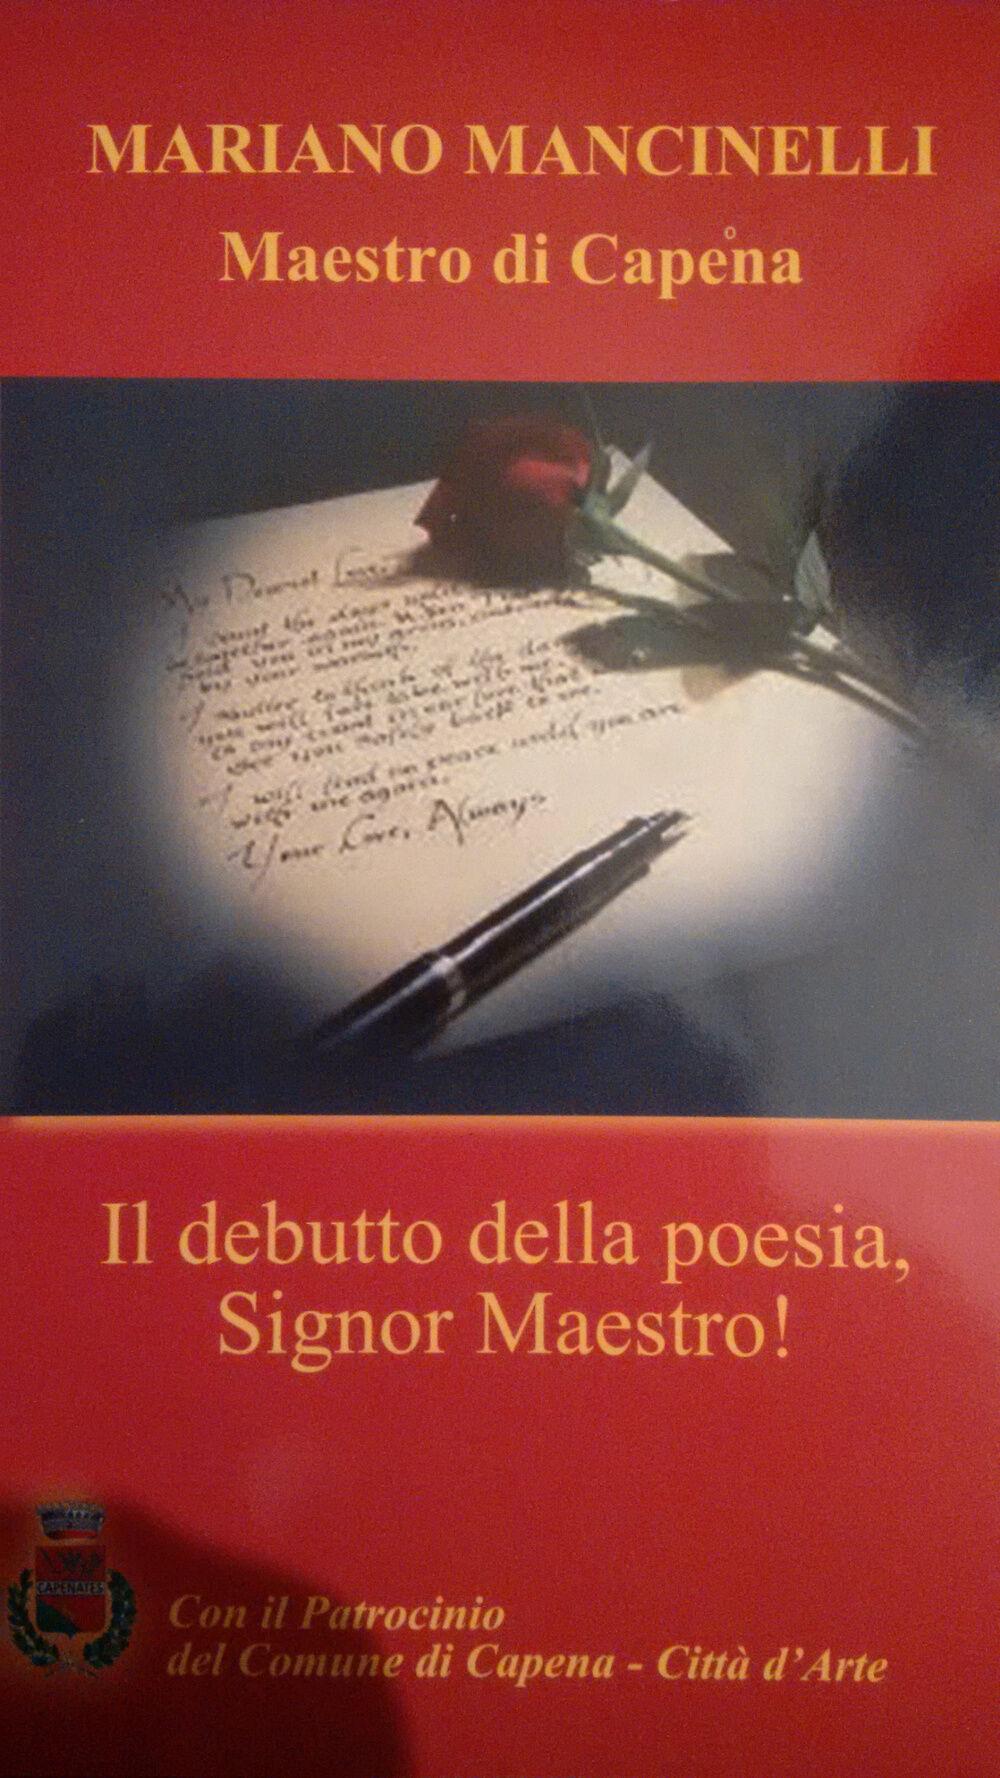 Il debutto della poesia, Signor Maestro! Maestro di Capena